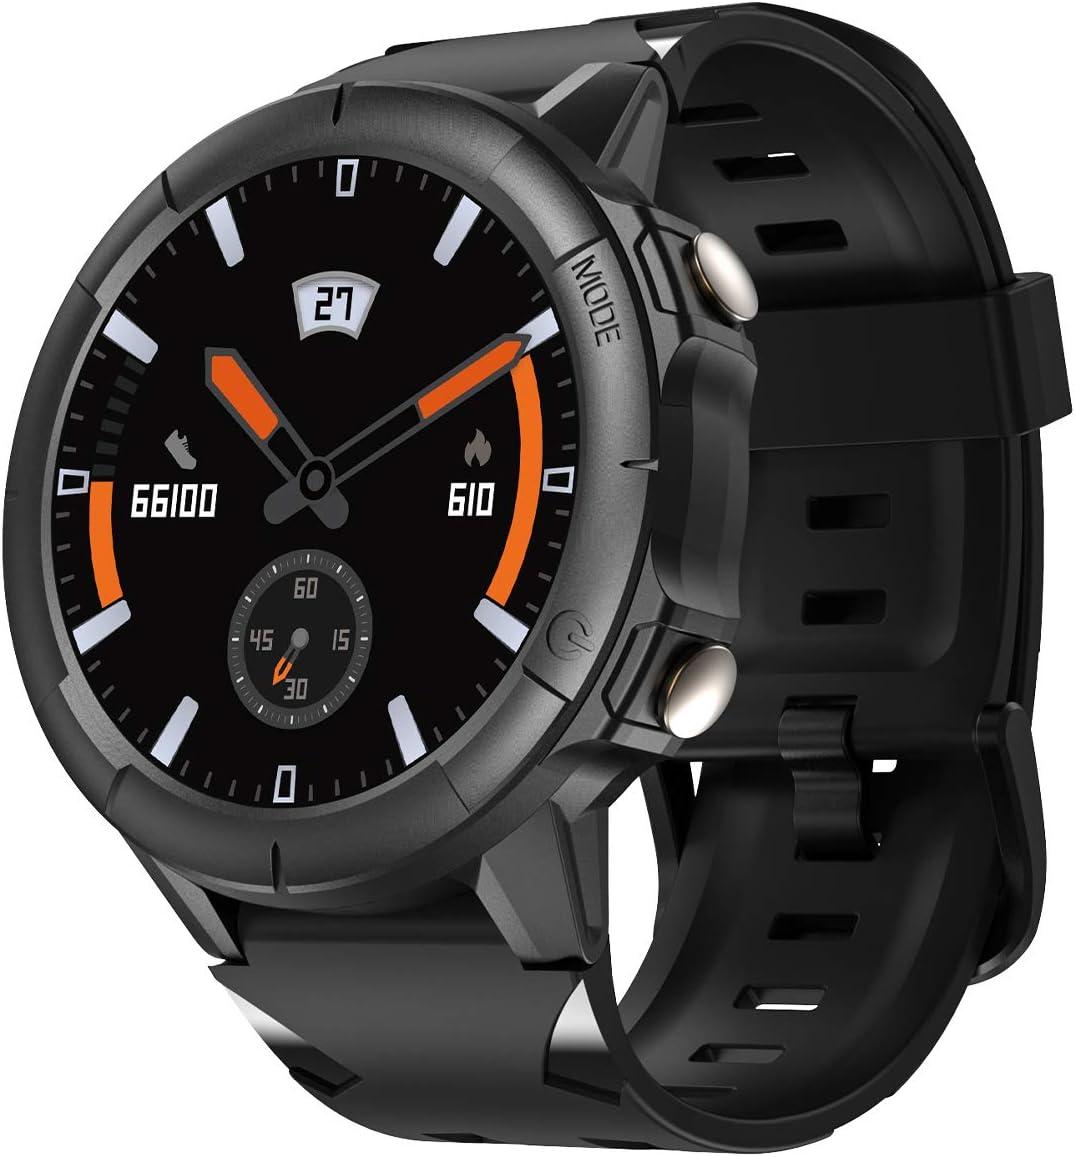 Vigorun Reloj Inteligente, Pantalla Táctil Smartwatch Pulsera Actividad con Podómetro 50M Impermeable Deportivo Reloj Fitness Monitor de Sueño para Hombre Niño Mujer